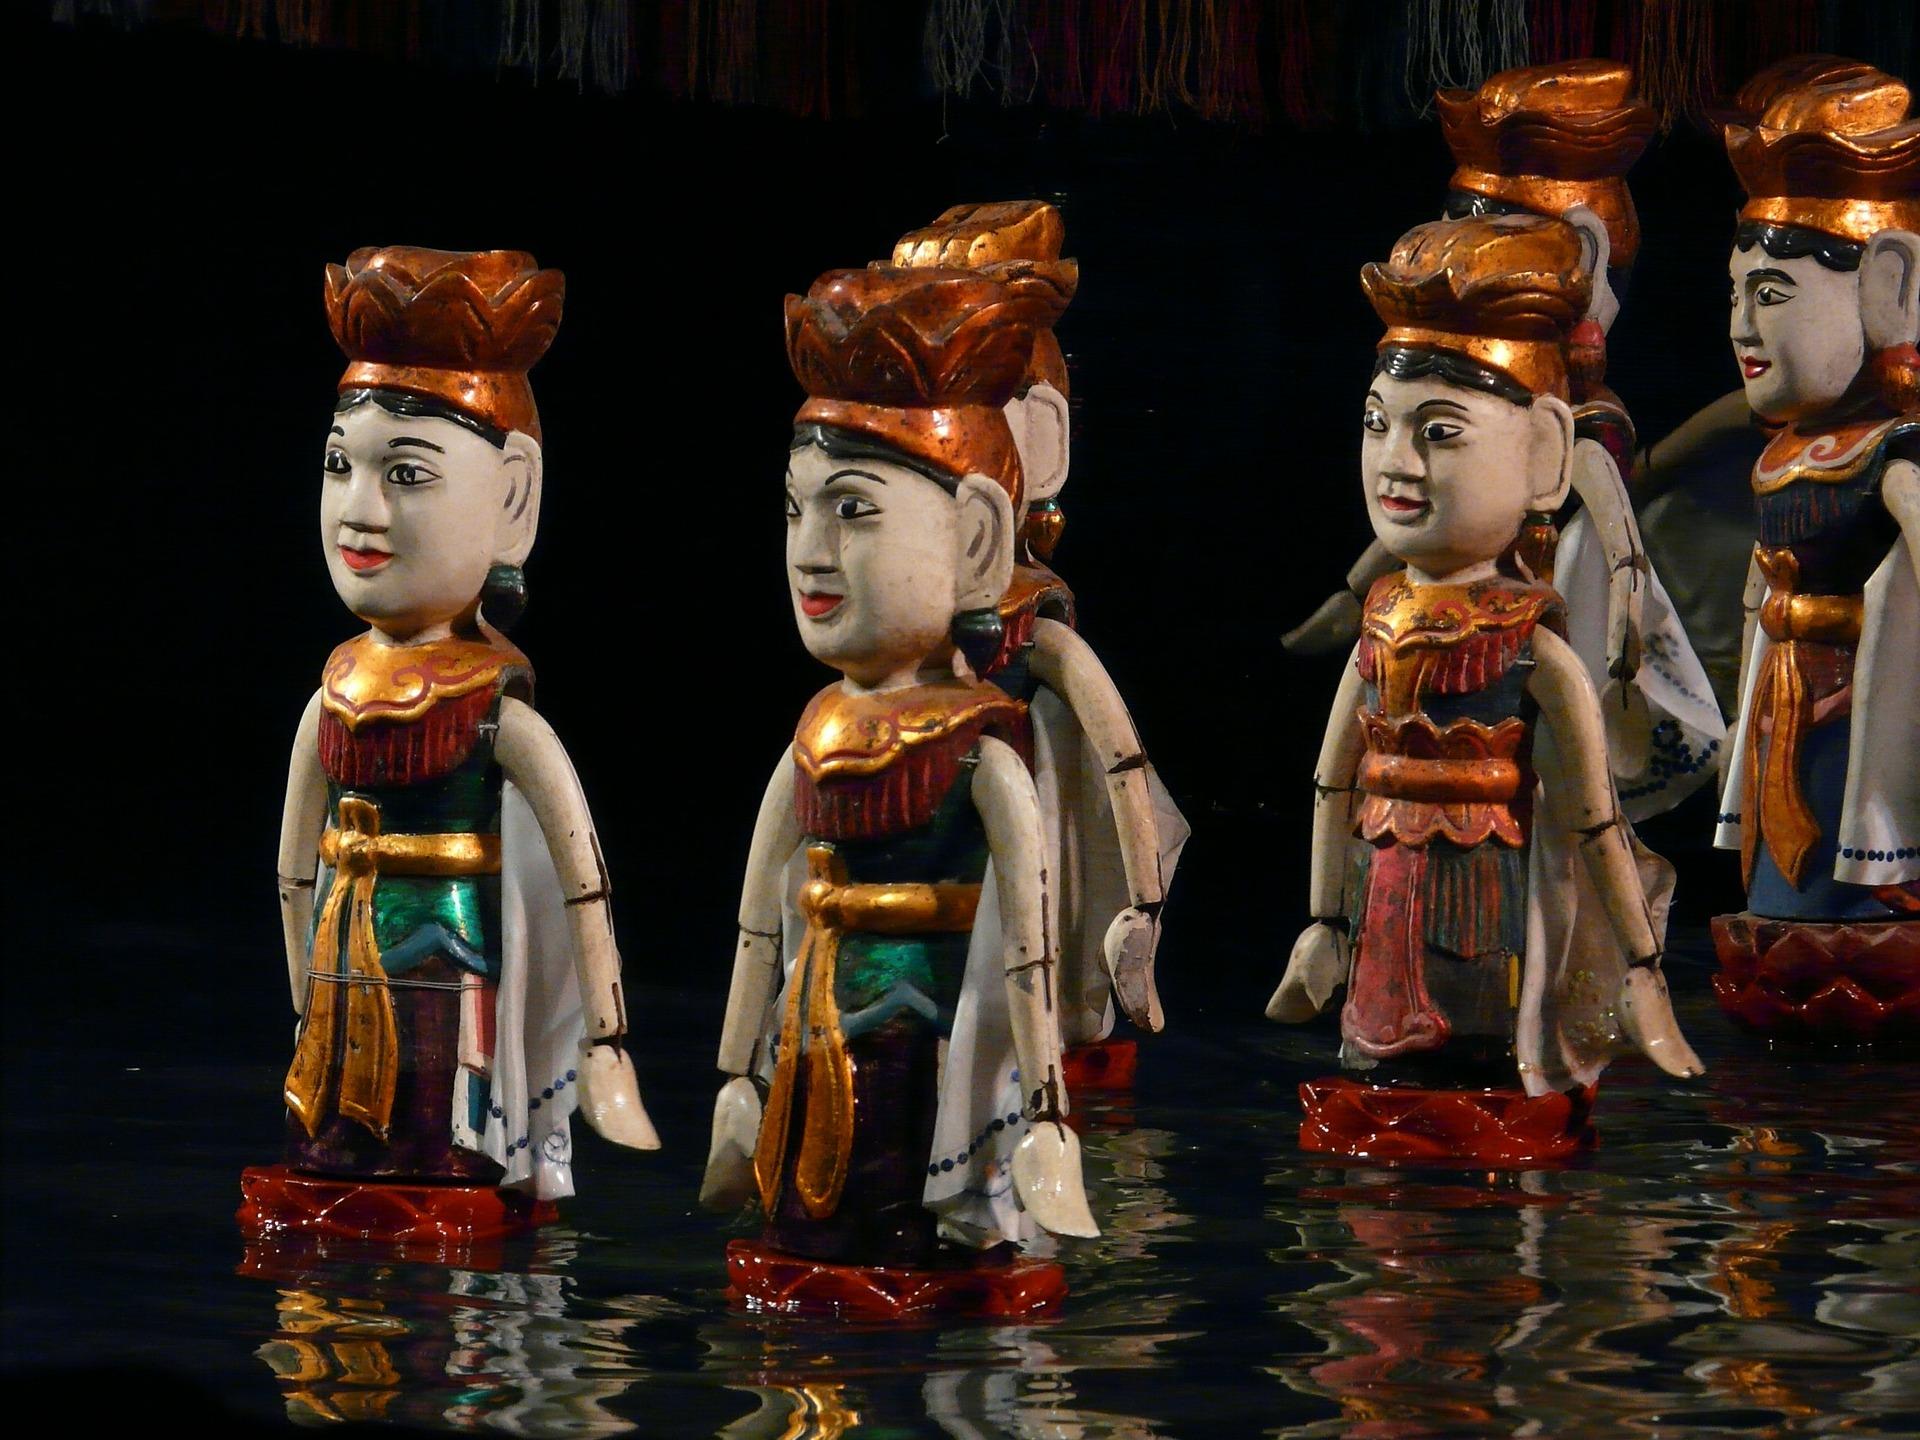 Spectacle marionnettes sur l'eau - Hanoï - Âme du Vietnam